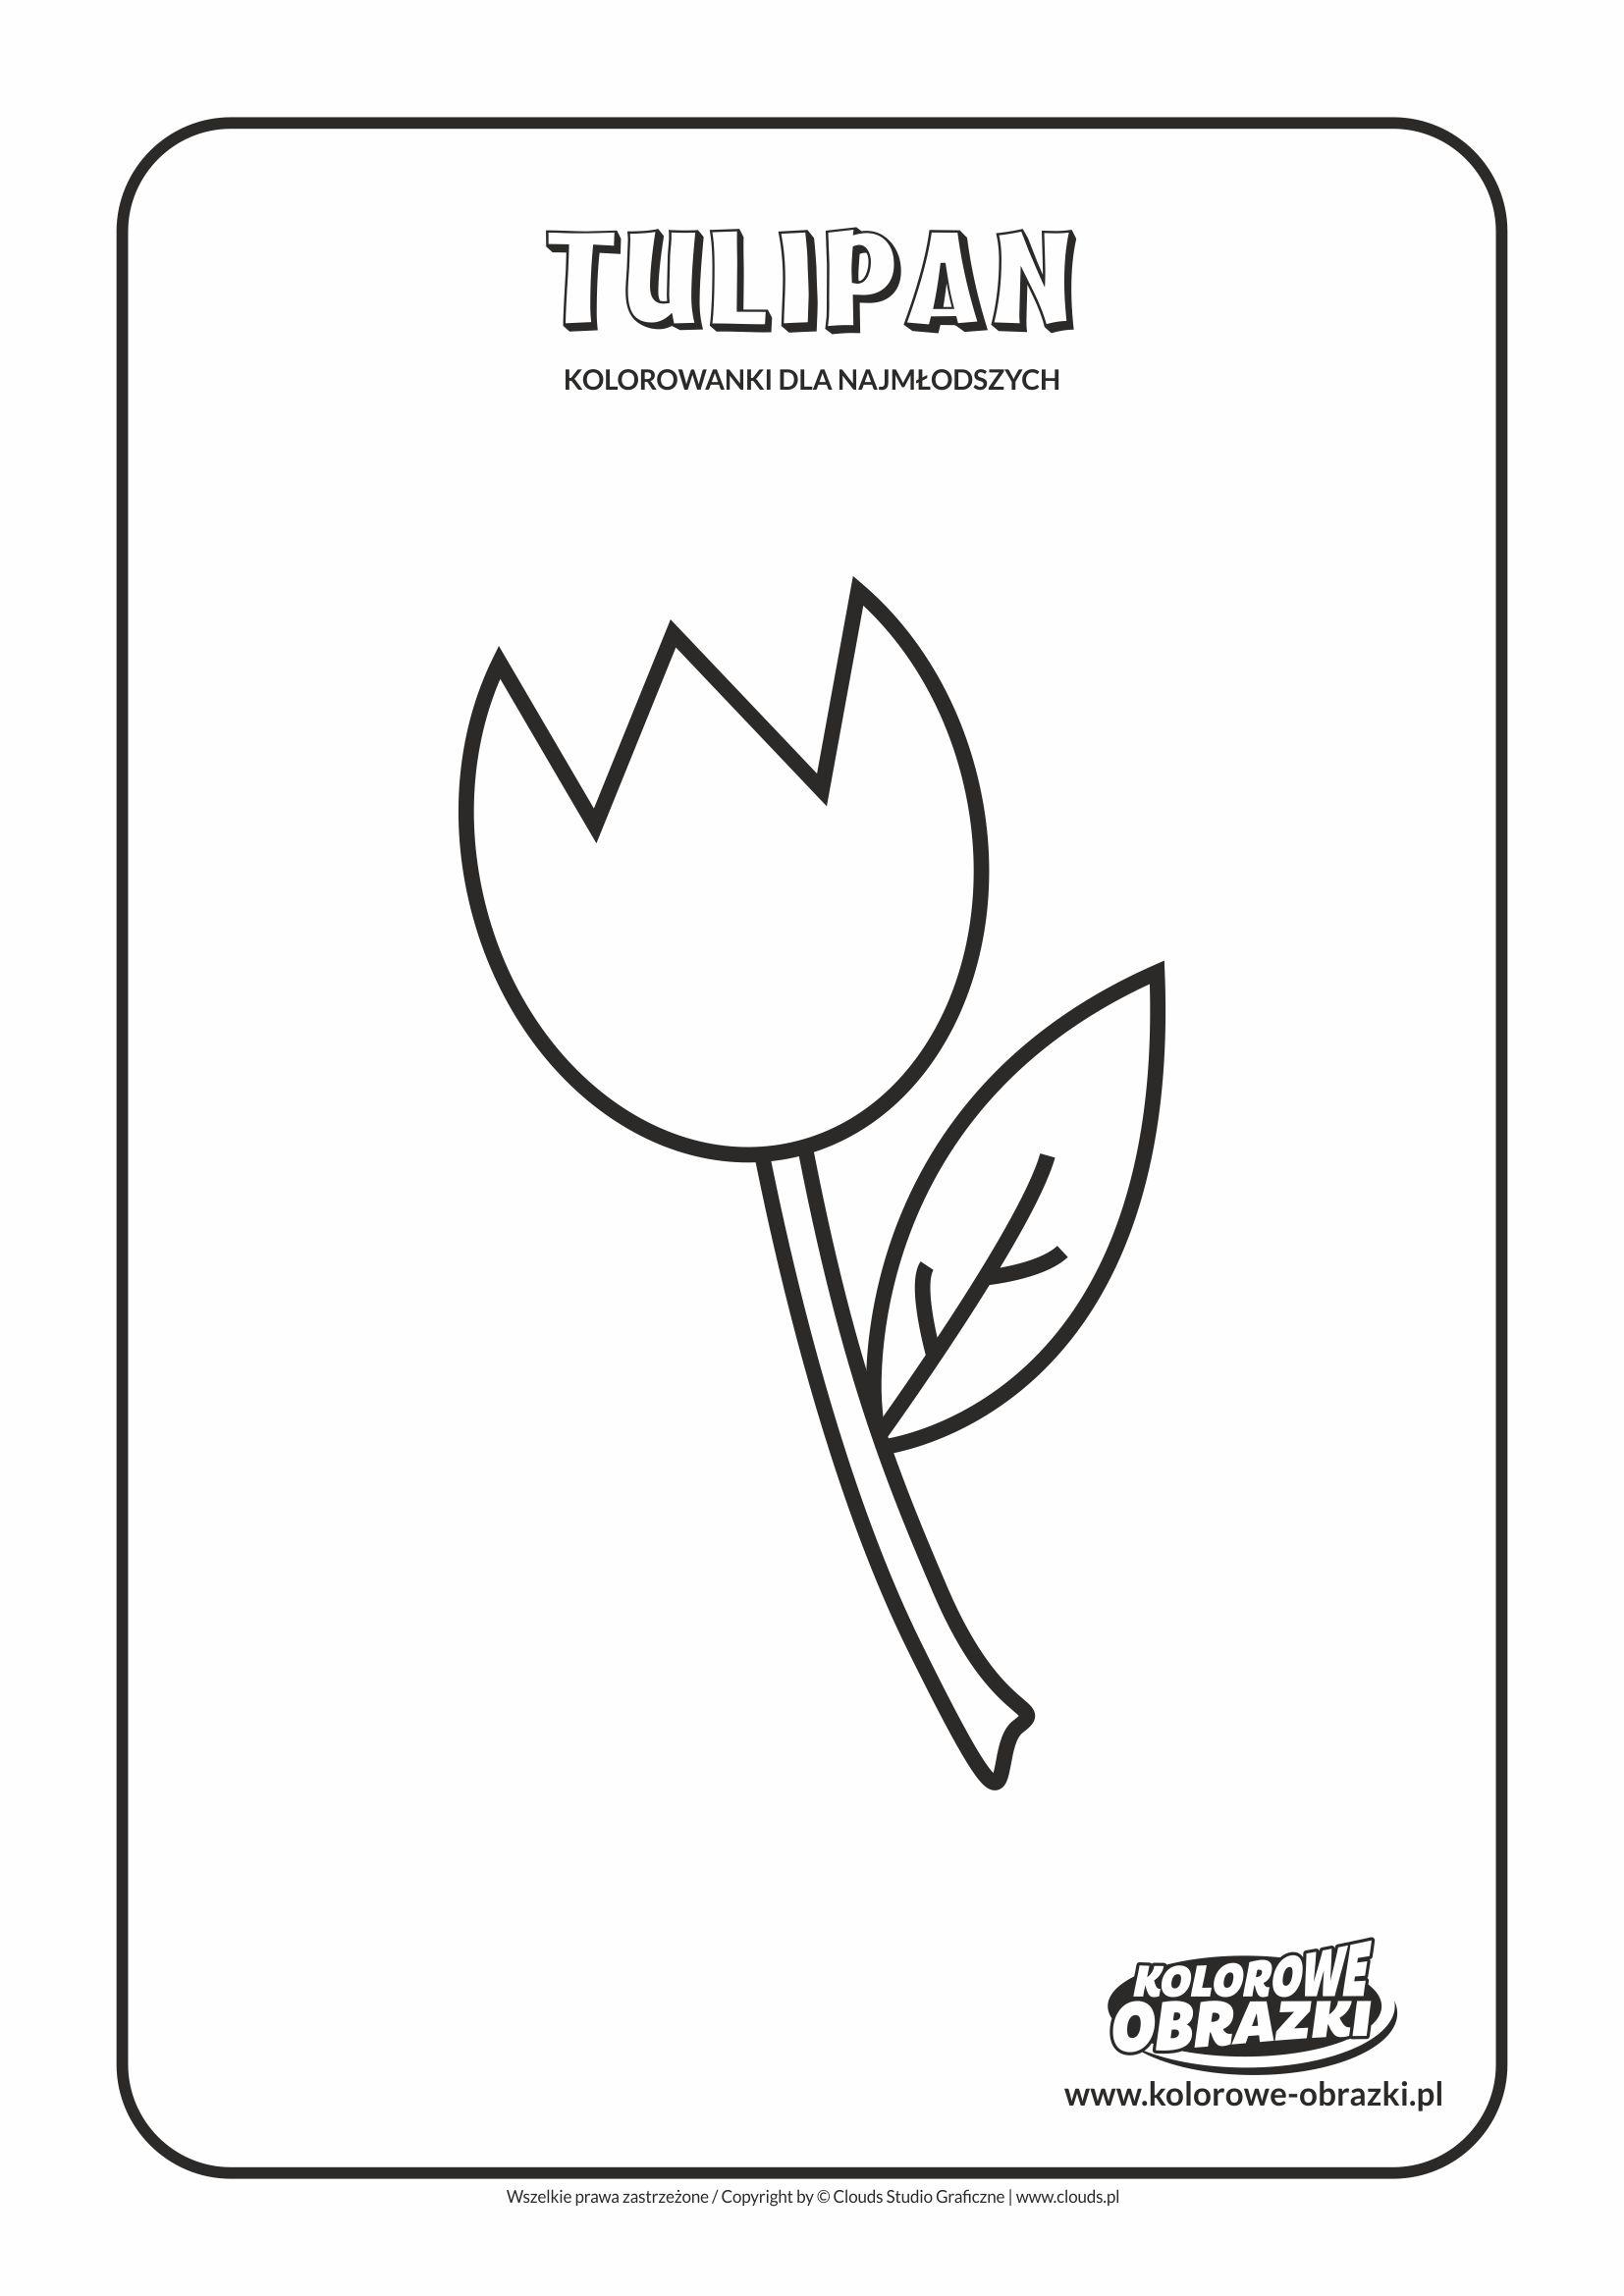 Proste kolorowanki dla najmłodszych - Kwiaty / Tulipan. Kolorowanka z tulipanem